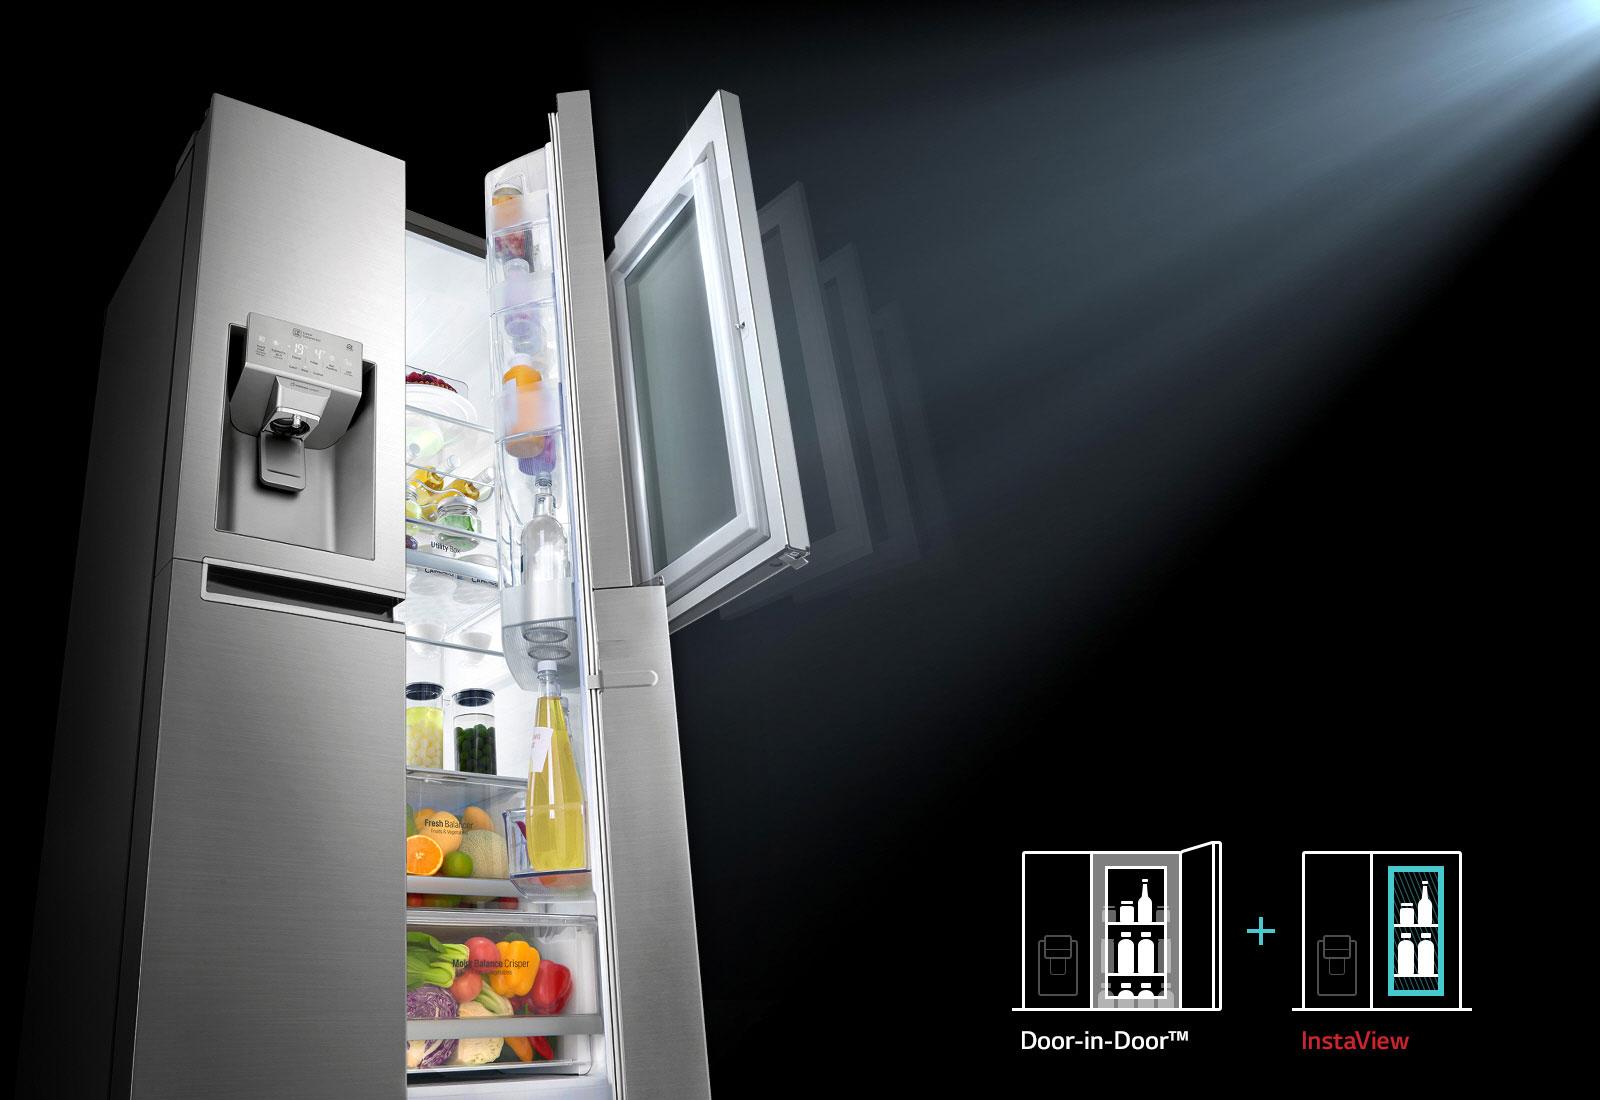 Nowa generacja technologii Door-in-Door™3